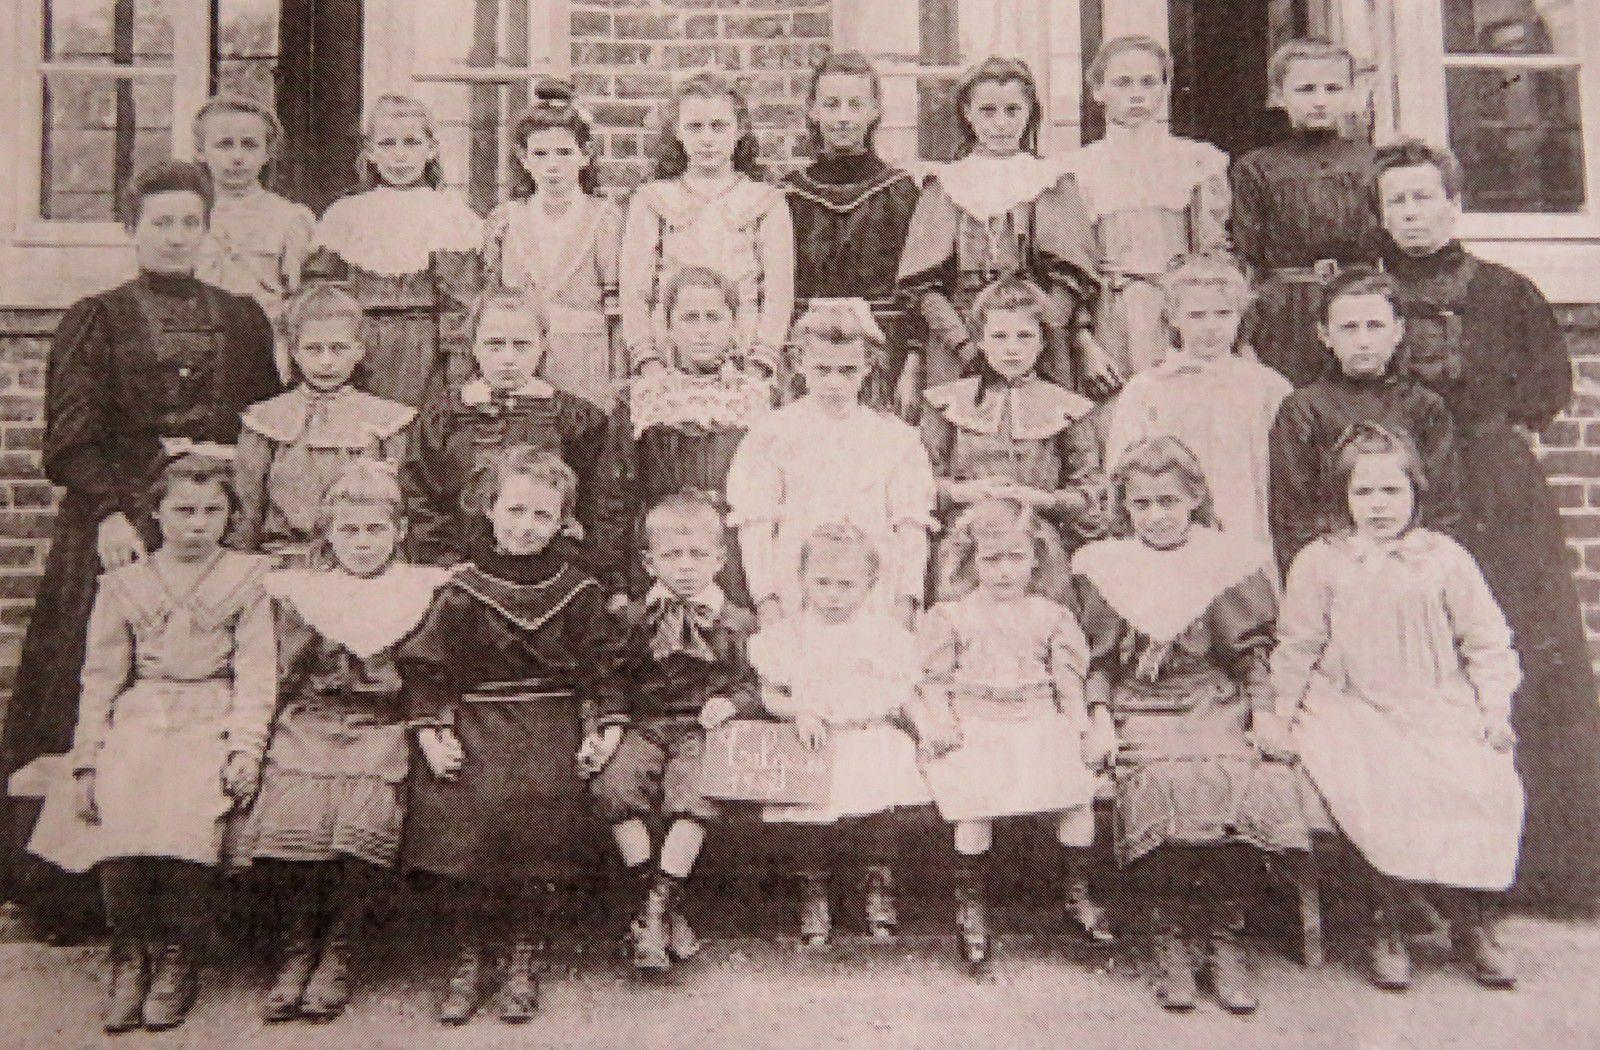 L'école des sœurs en 1907.  Dussaussoy Roland, Legrand Jean-Jacques, Tilques, la mémoire et l'histoire par les photos, 1999, p. 64.